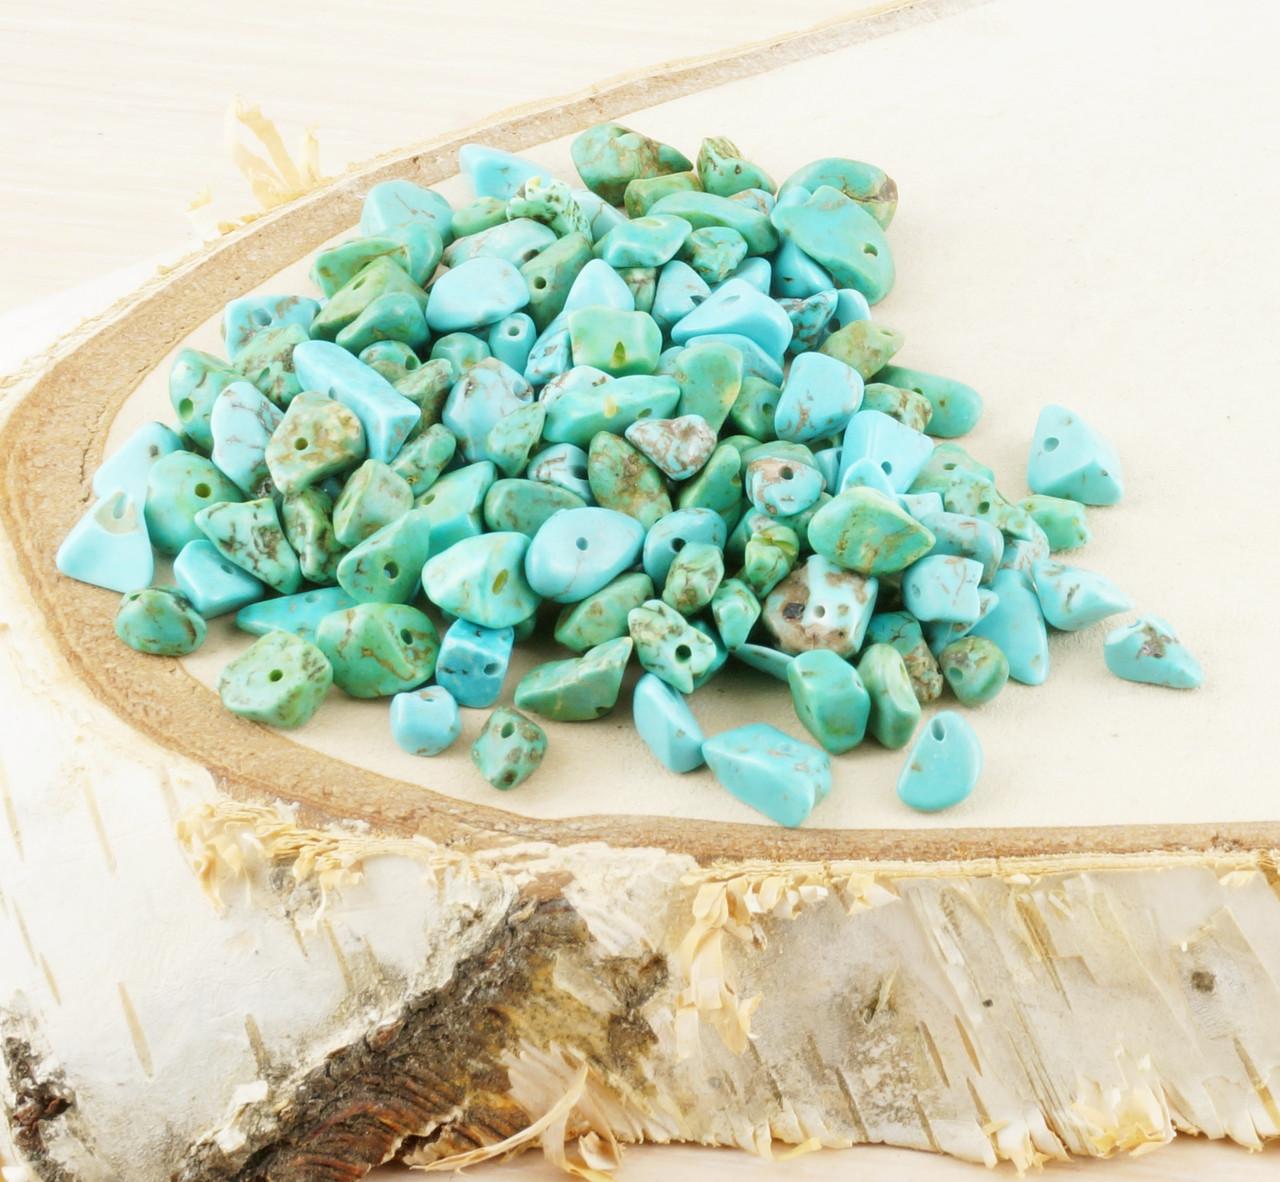 Бусины из натурального камня крошка 27 (10грамм) (товар при заказе от 200 грн) - магазин-студия Цацки в Чернигове